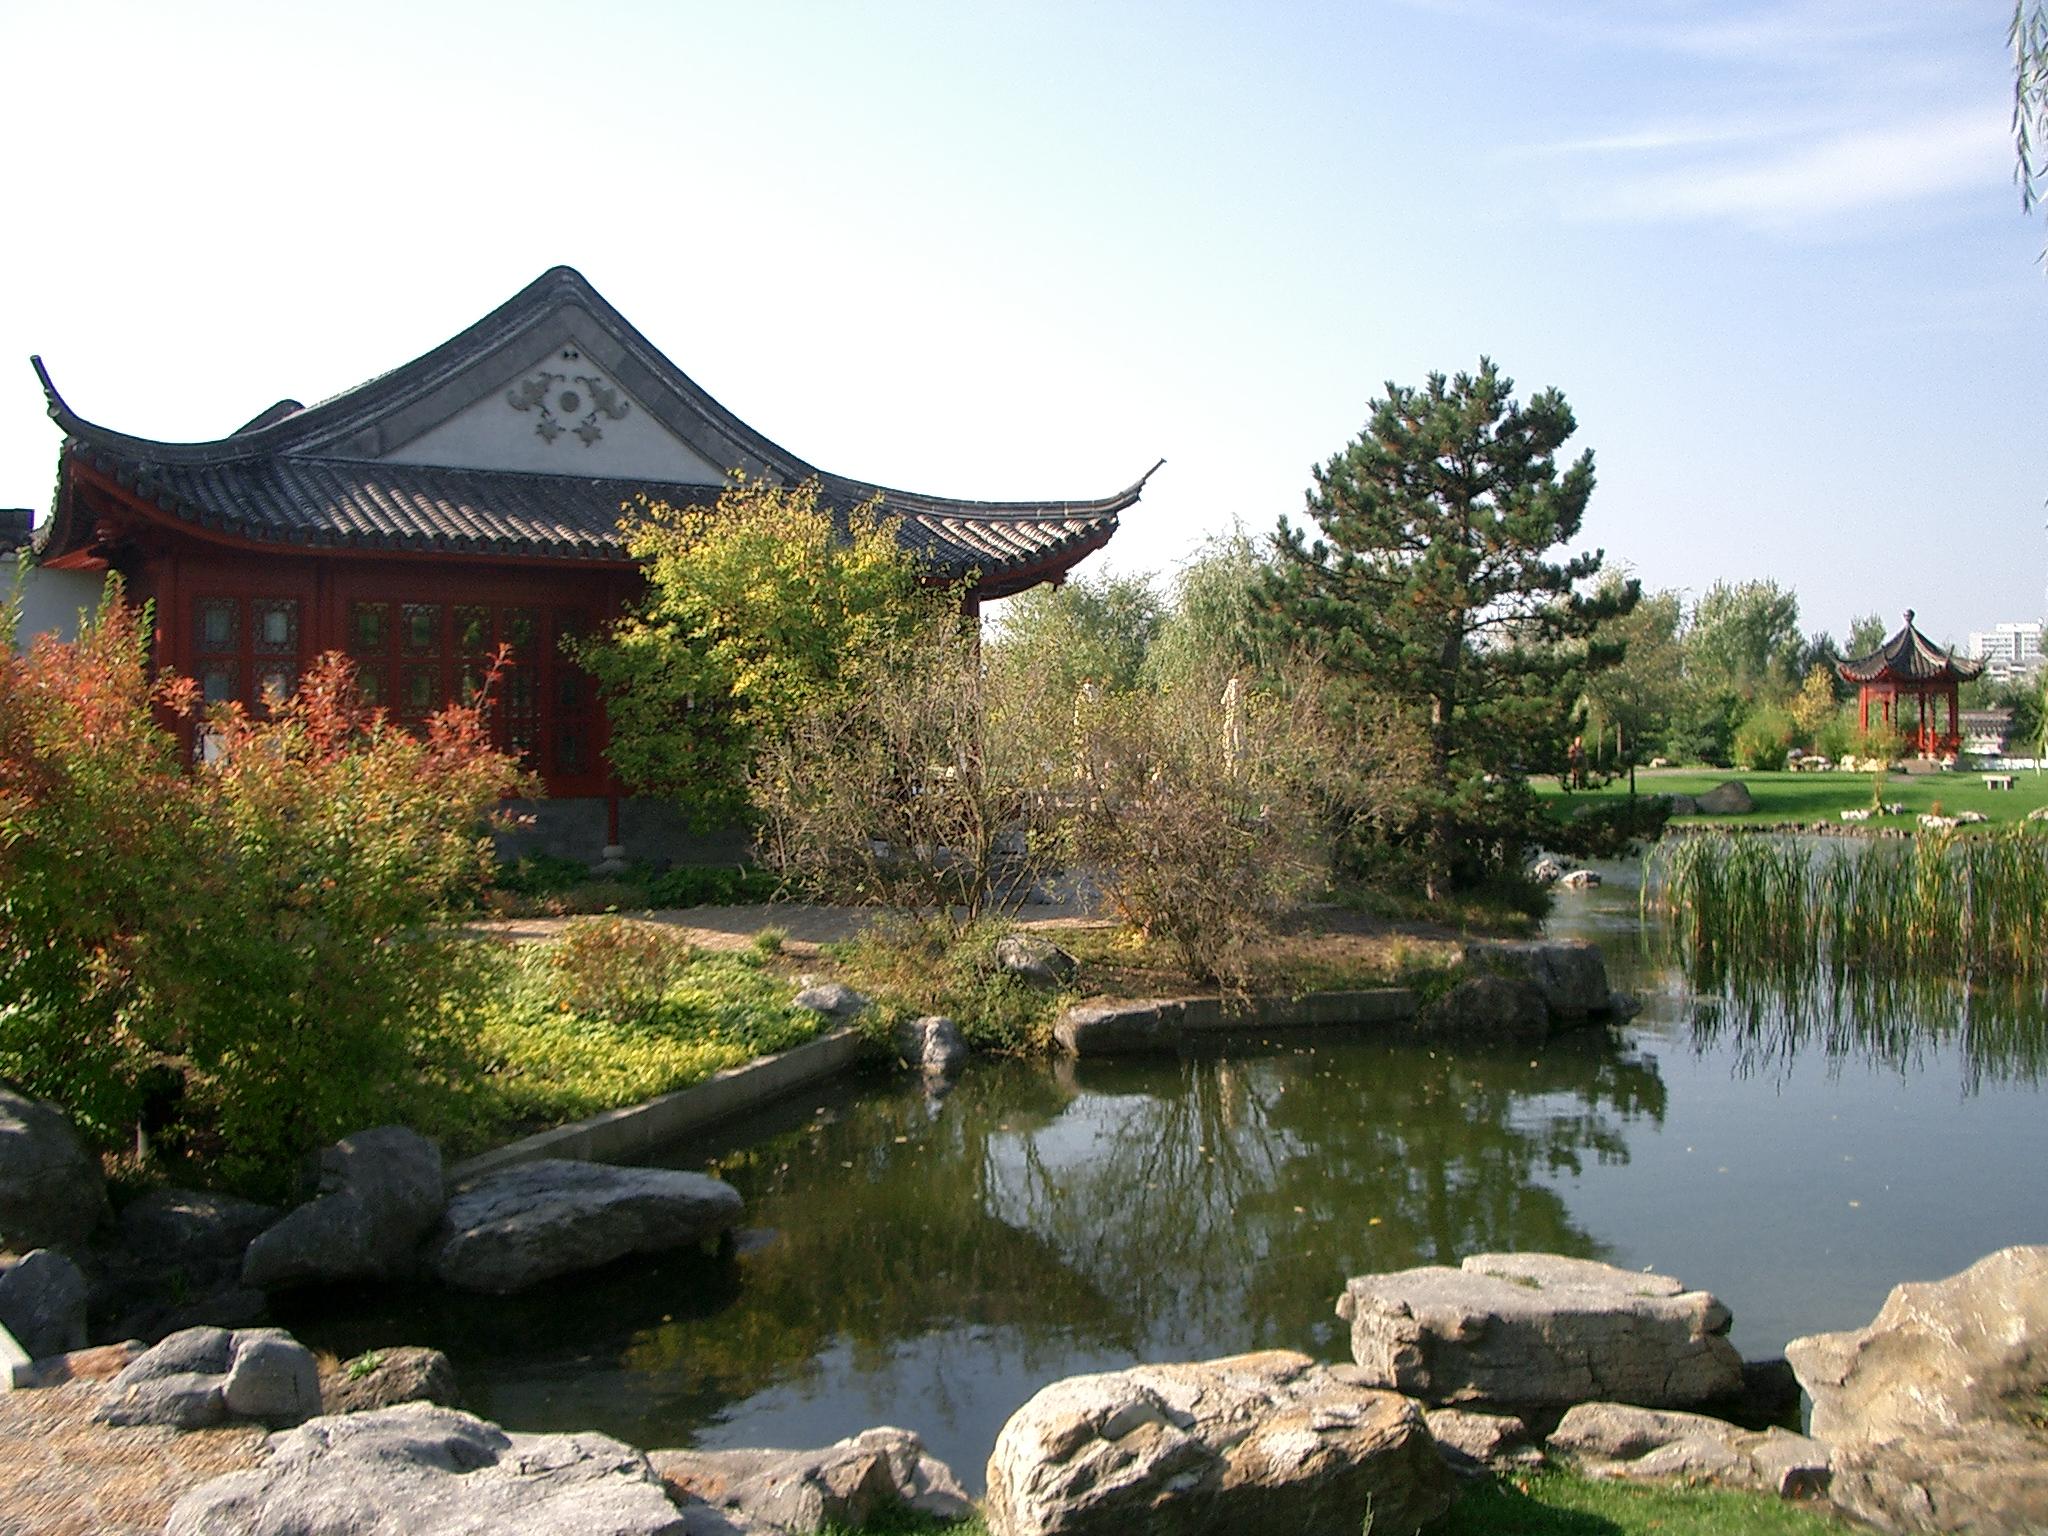 Die Gärten der Welt im Erholungspark Marzahn (Chinesischer Garten)